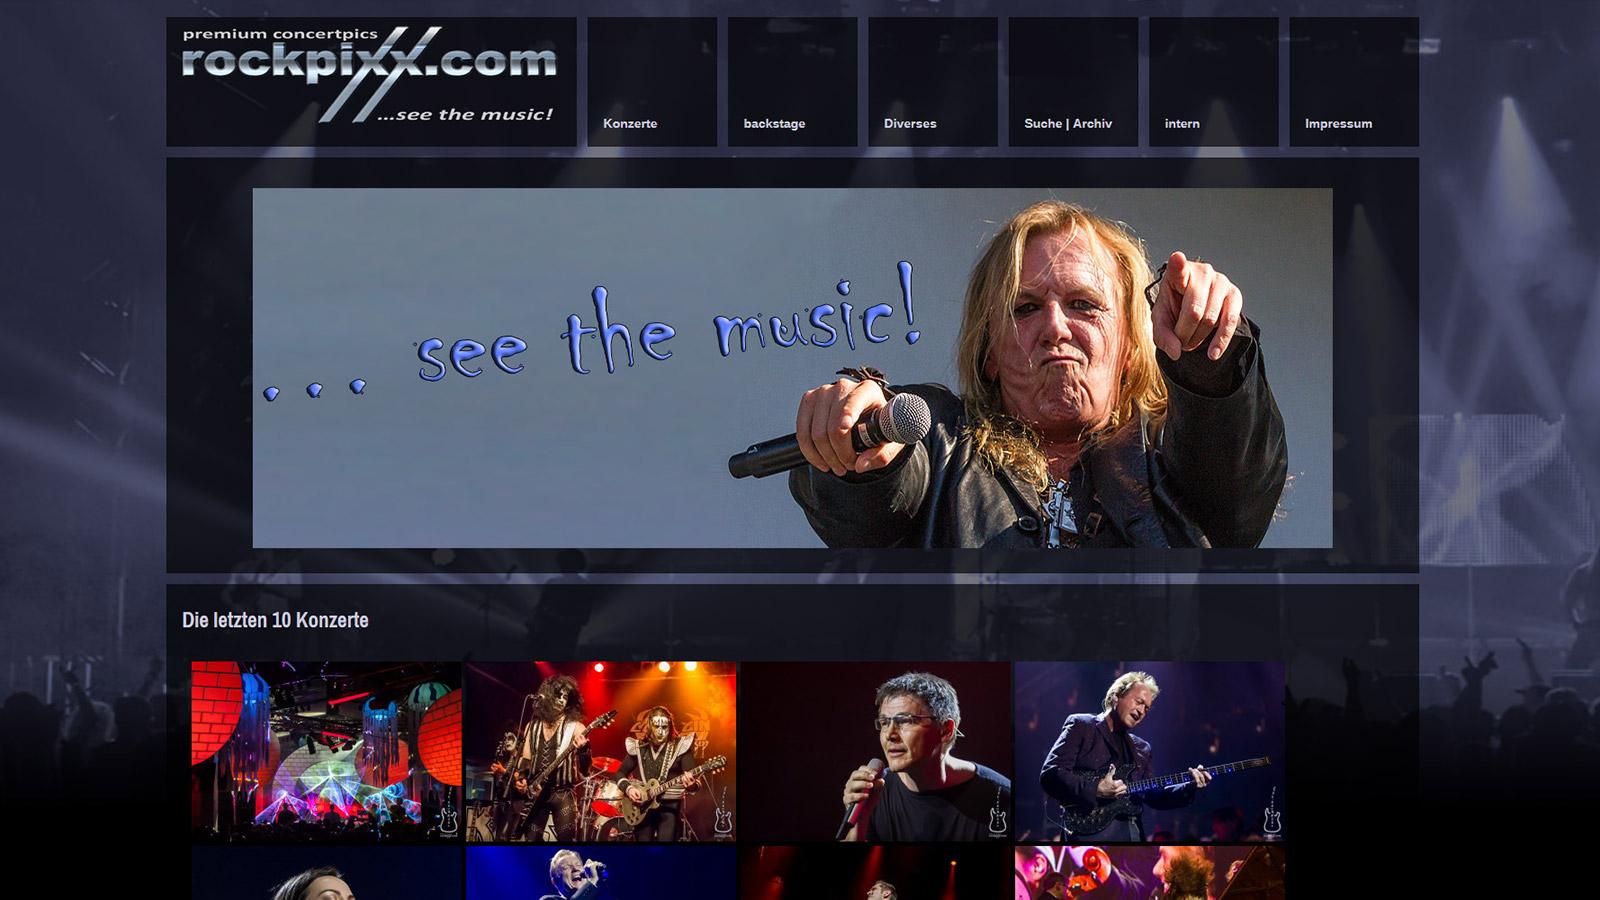 rockpixx.com | premium concertpics